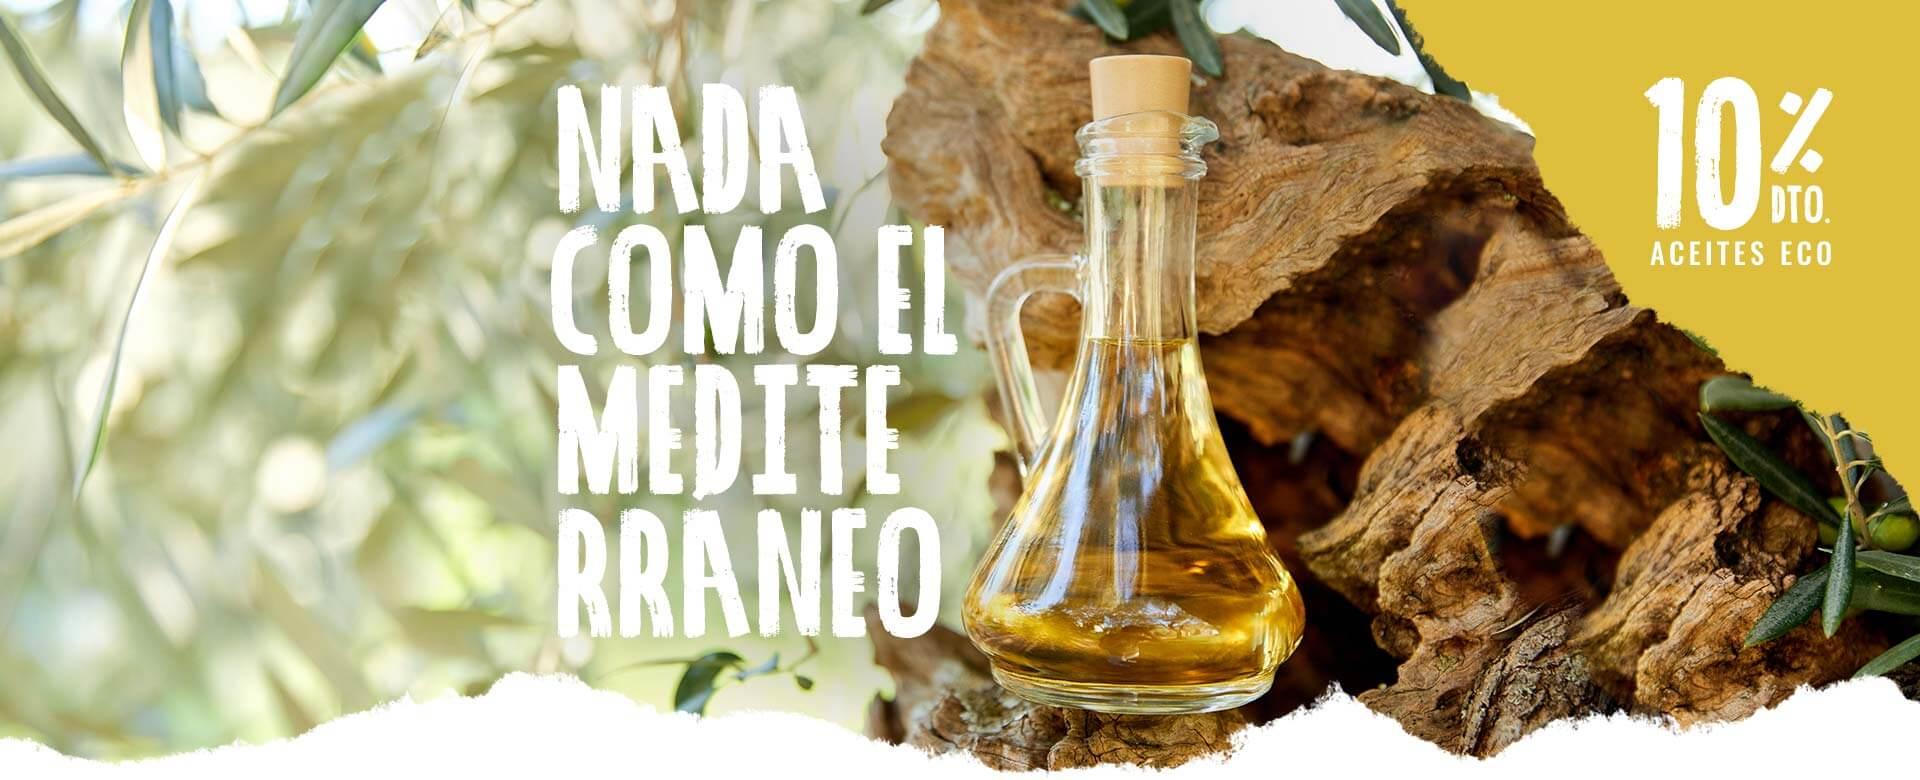 Aceites de oliva virge extra del Mediterráneo